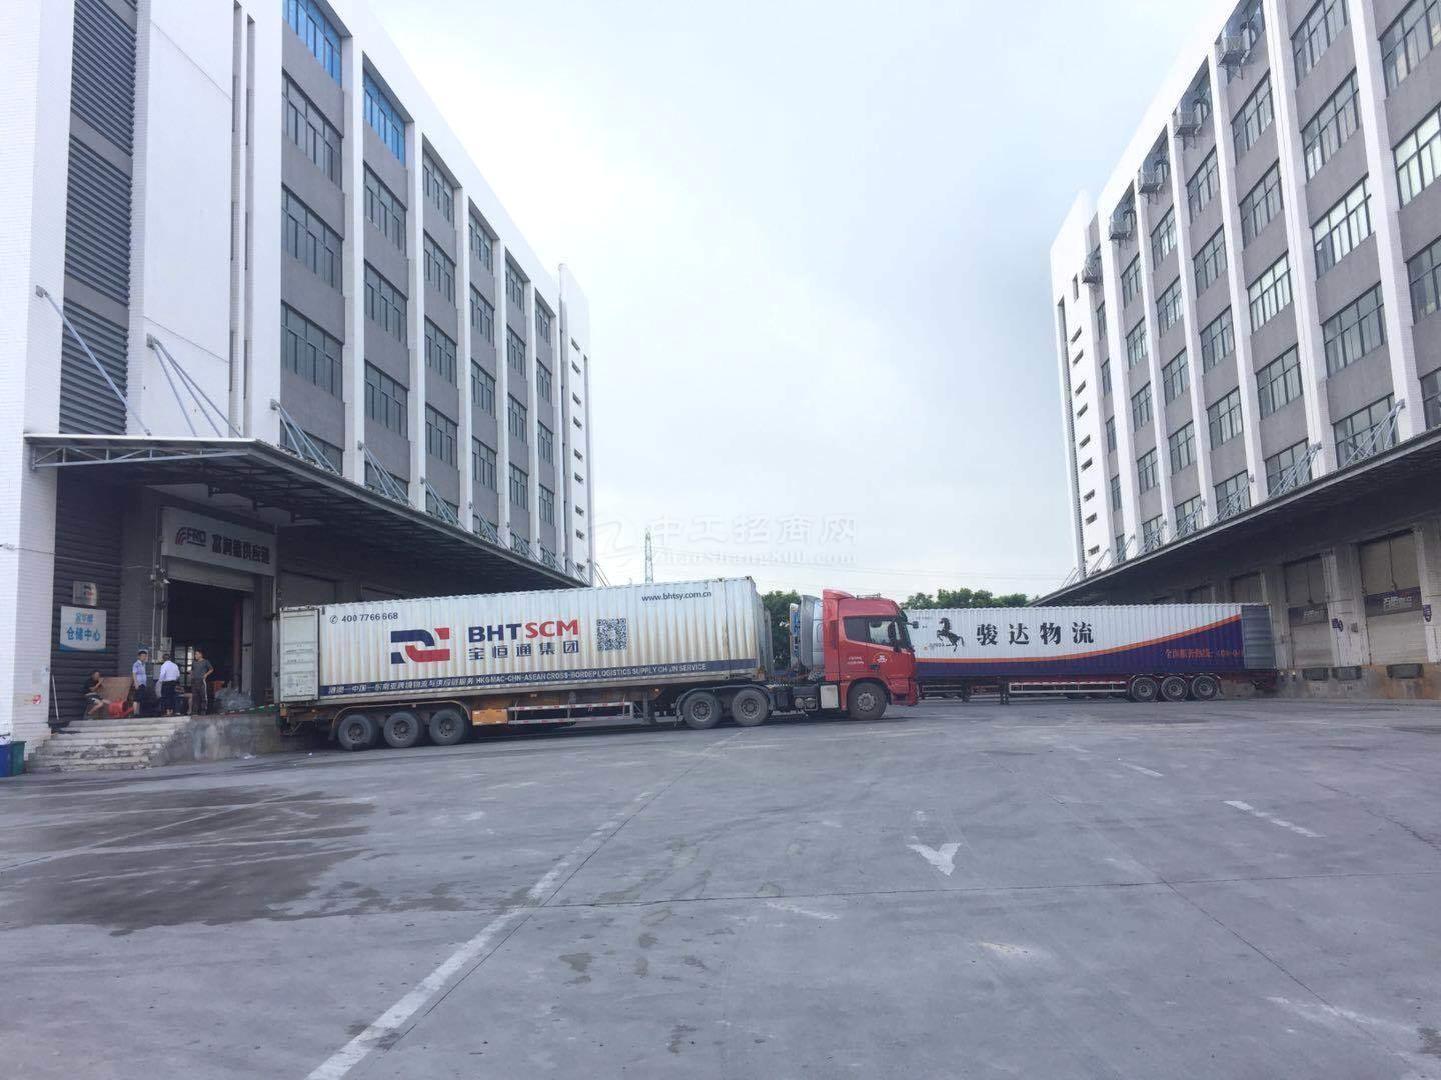 隆大工业园独院30000平,400平起租厂房仓库招租交通便利